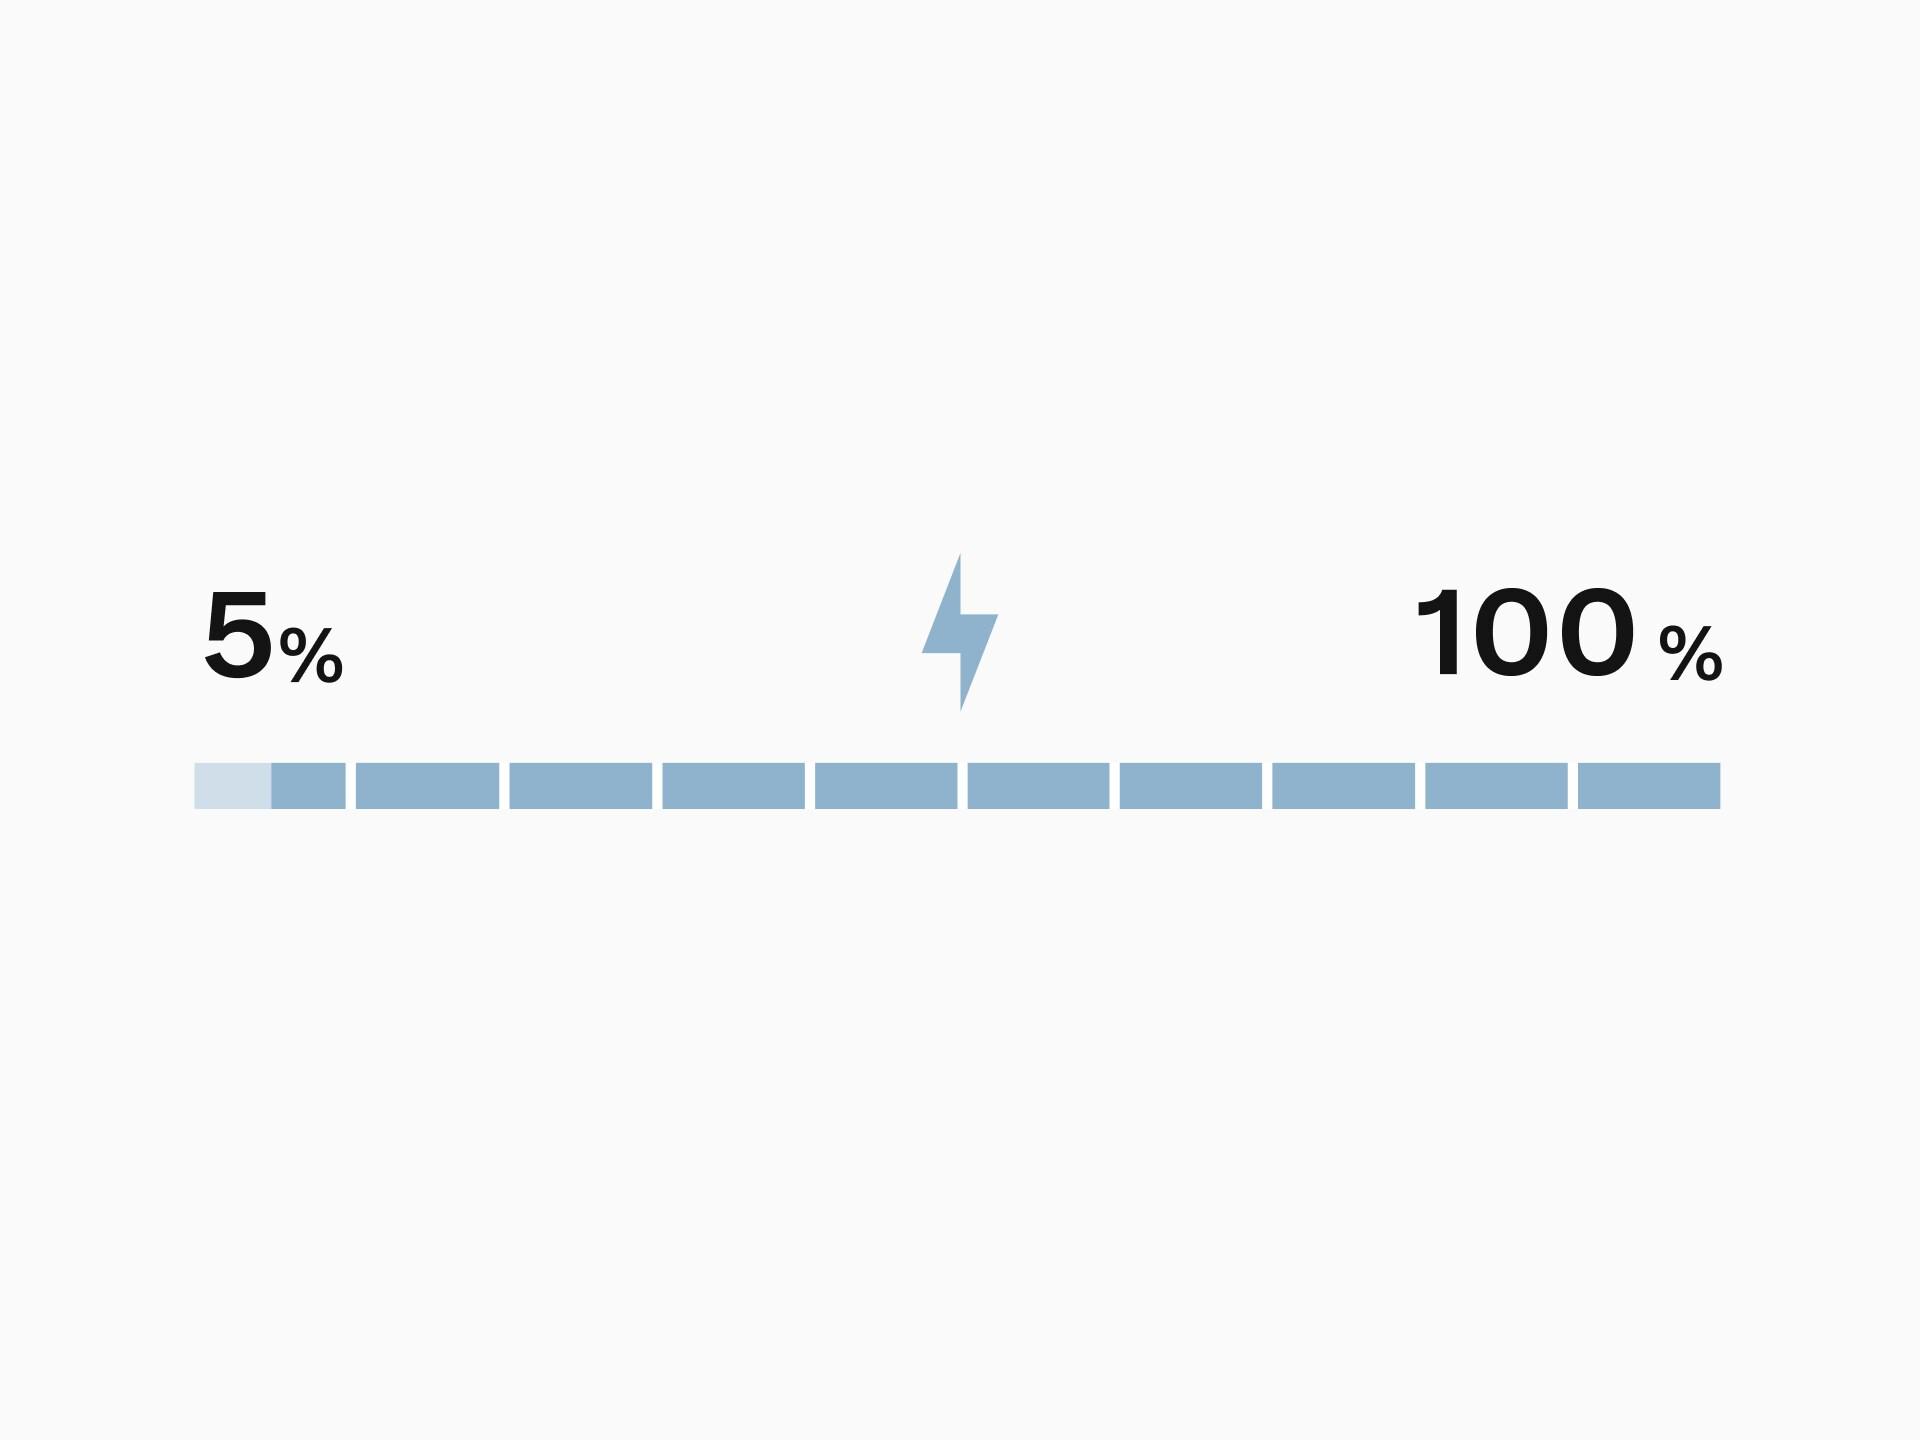 プラグインハイブリッドバッテリーの理想的な動作範囲を示すために5%から100%まで強調表示された、バッテリー充電率の棒グラフ。